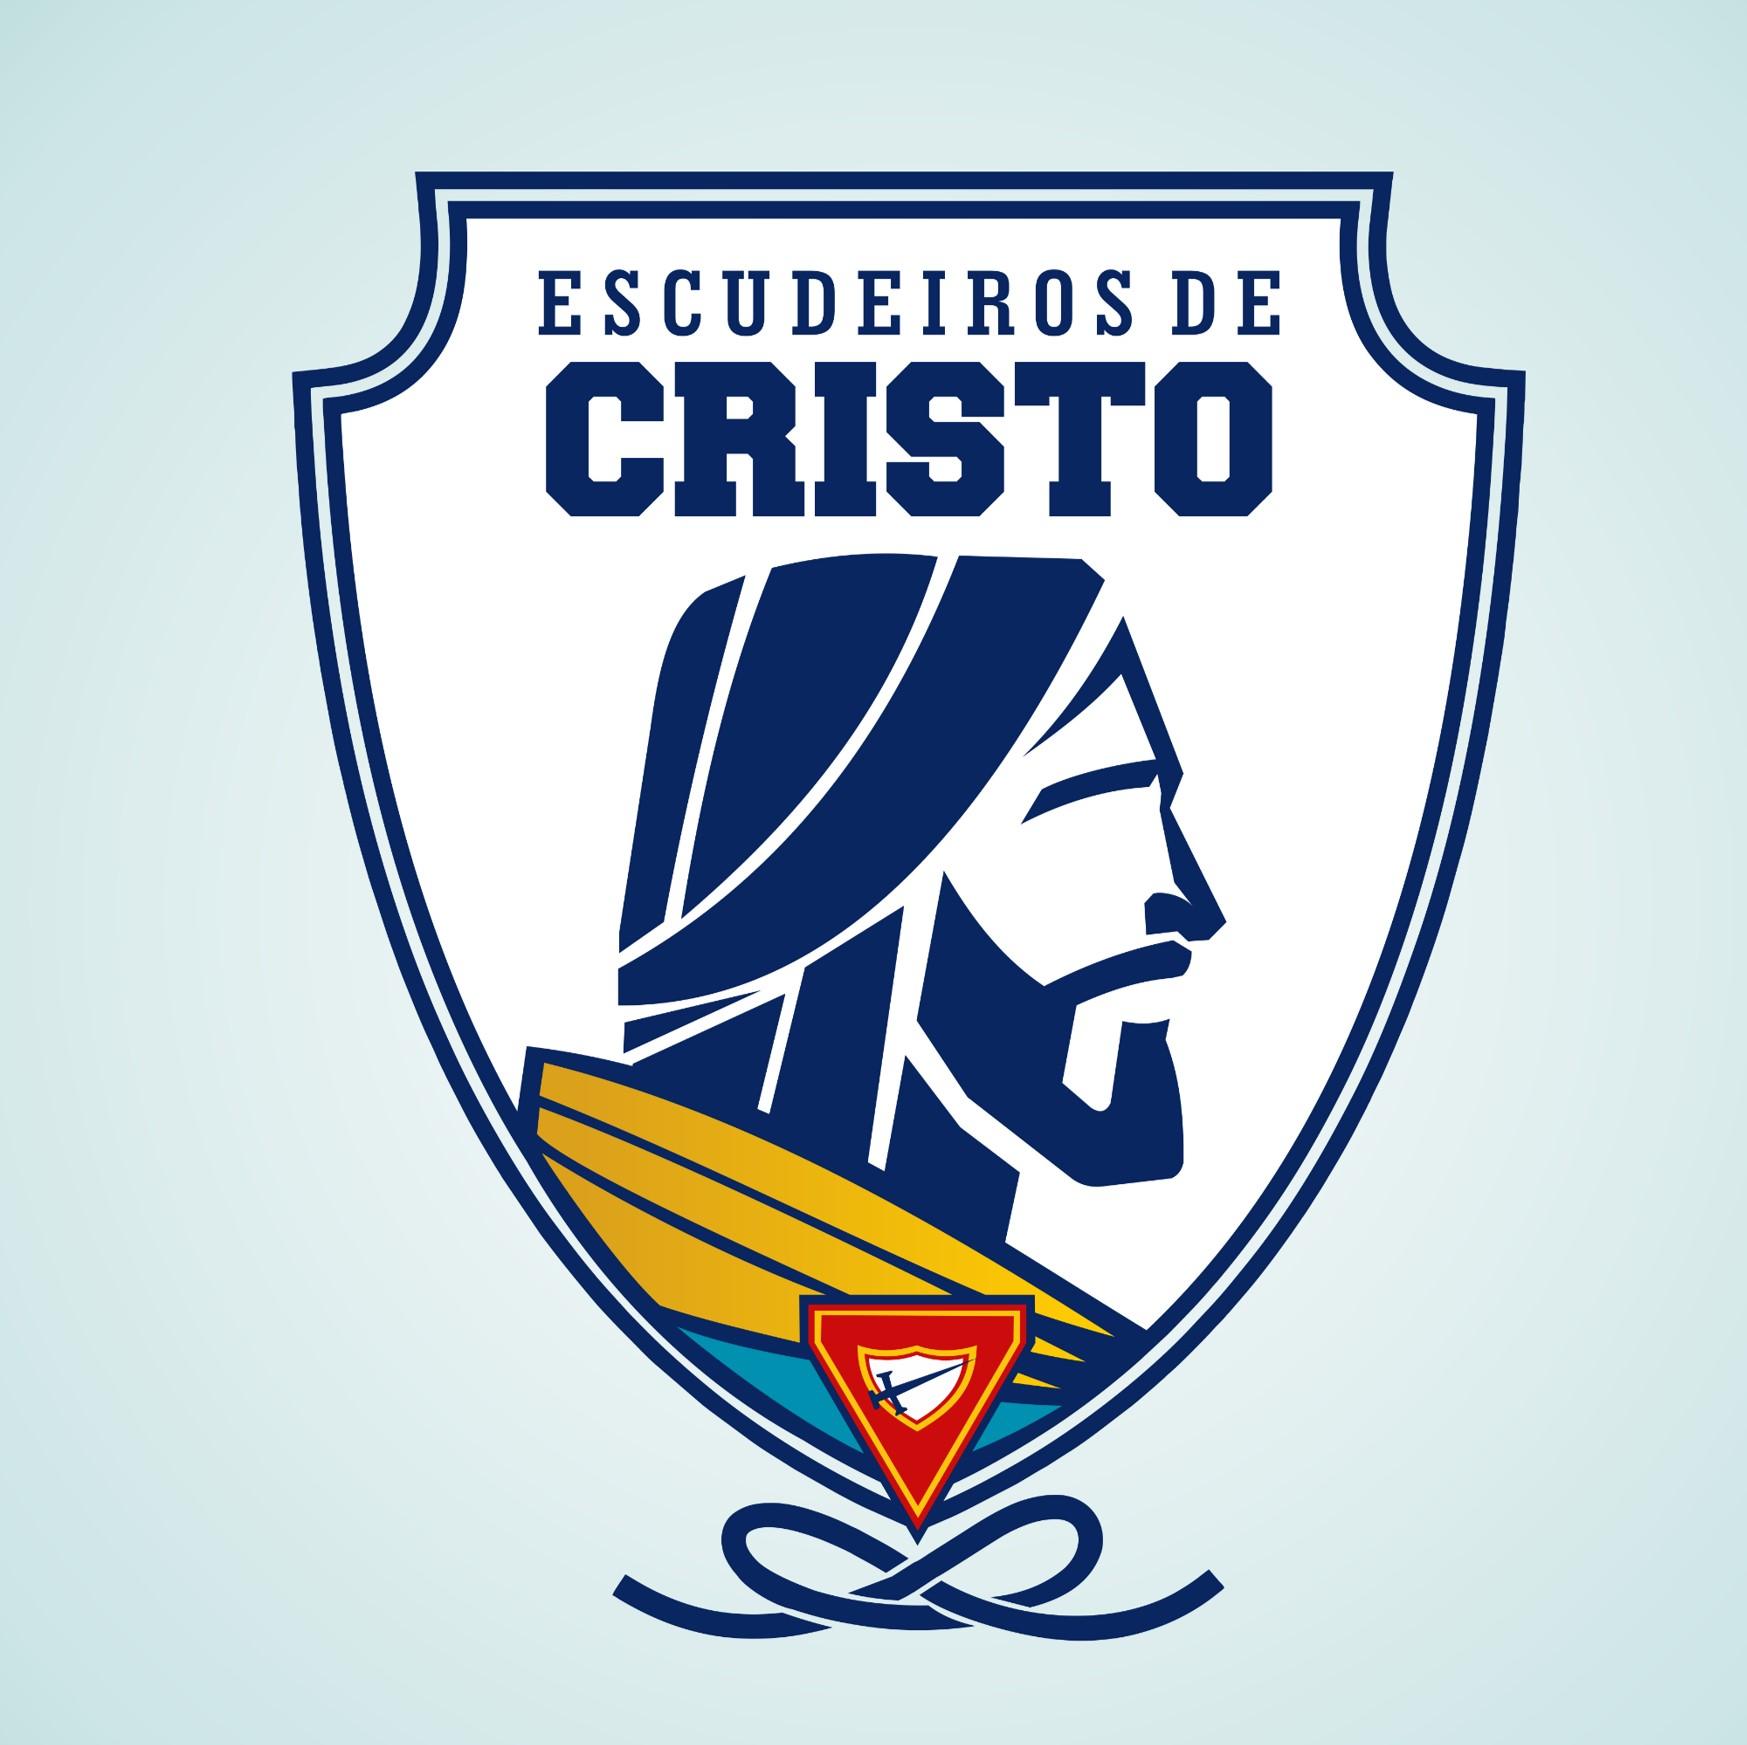 Escudeiros de Cristo